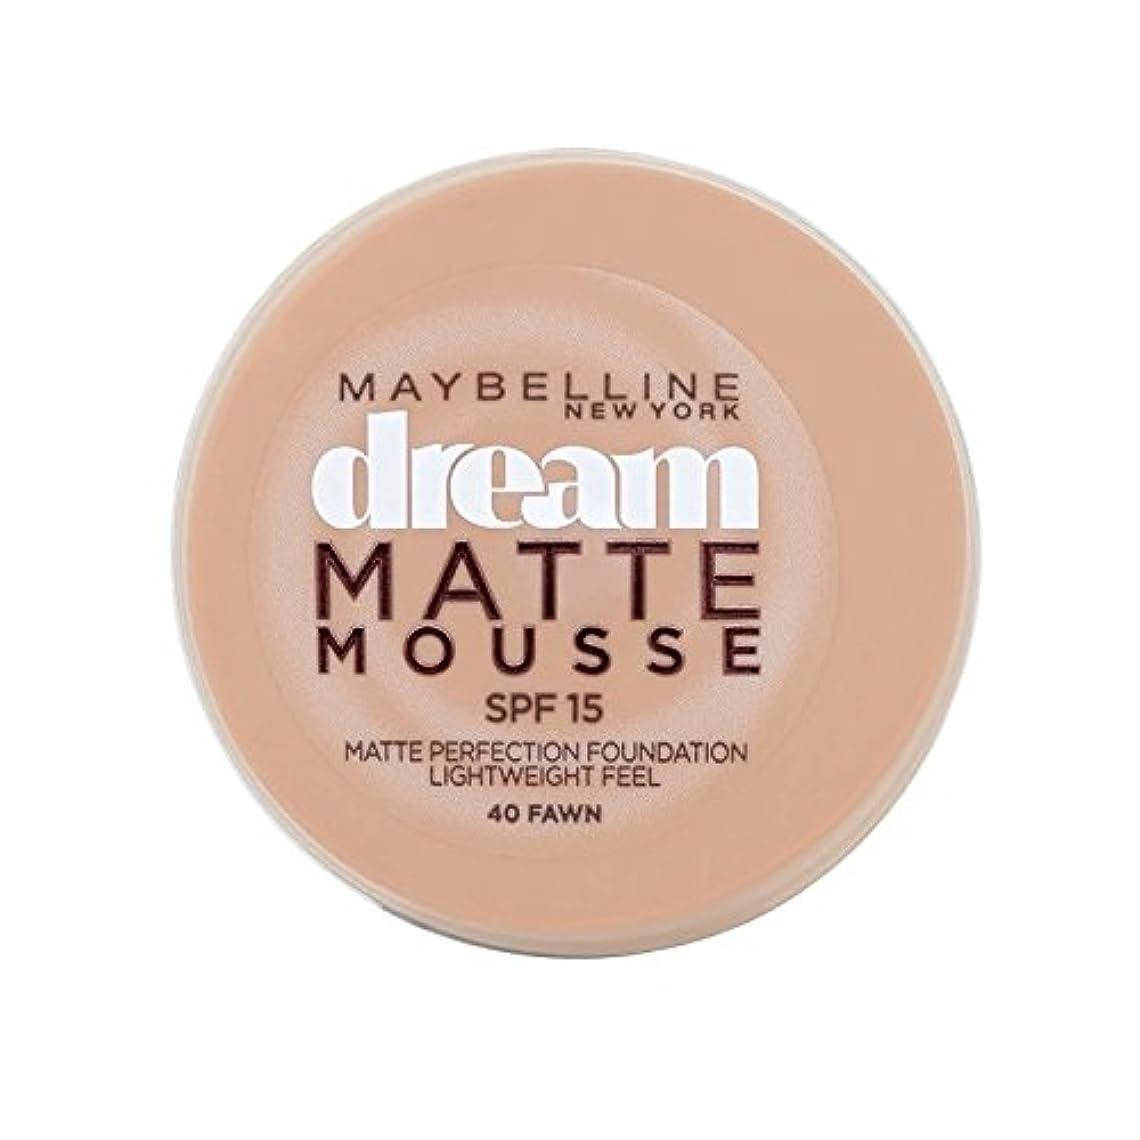 敗北ご覧ください未払いMaybelline Dream Matte Mousse Foundation 40 Fawn 10ml - メイベリン夢のマットムース土台40子鹿の10ミリリットル [並行輸入品]